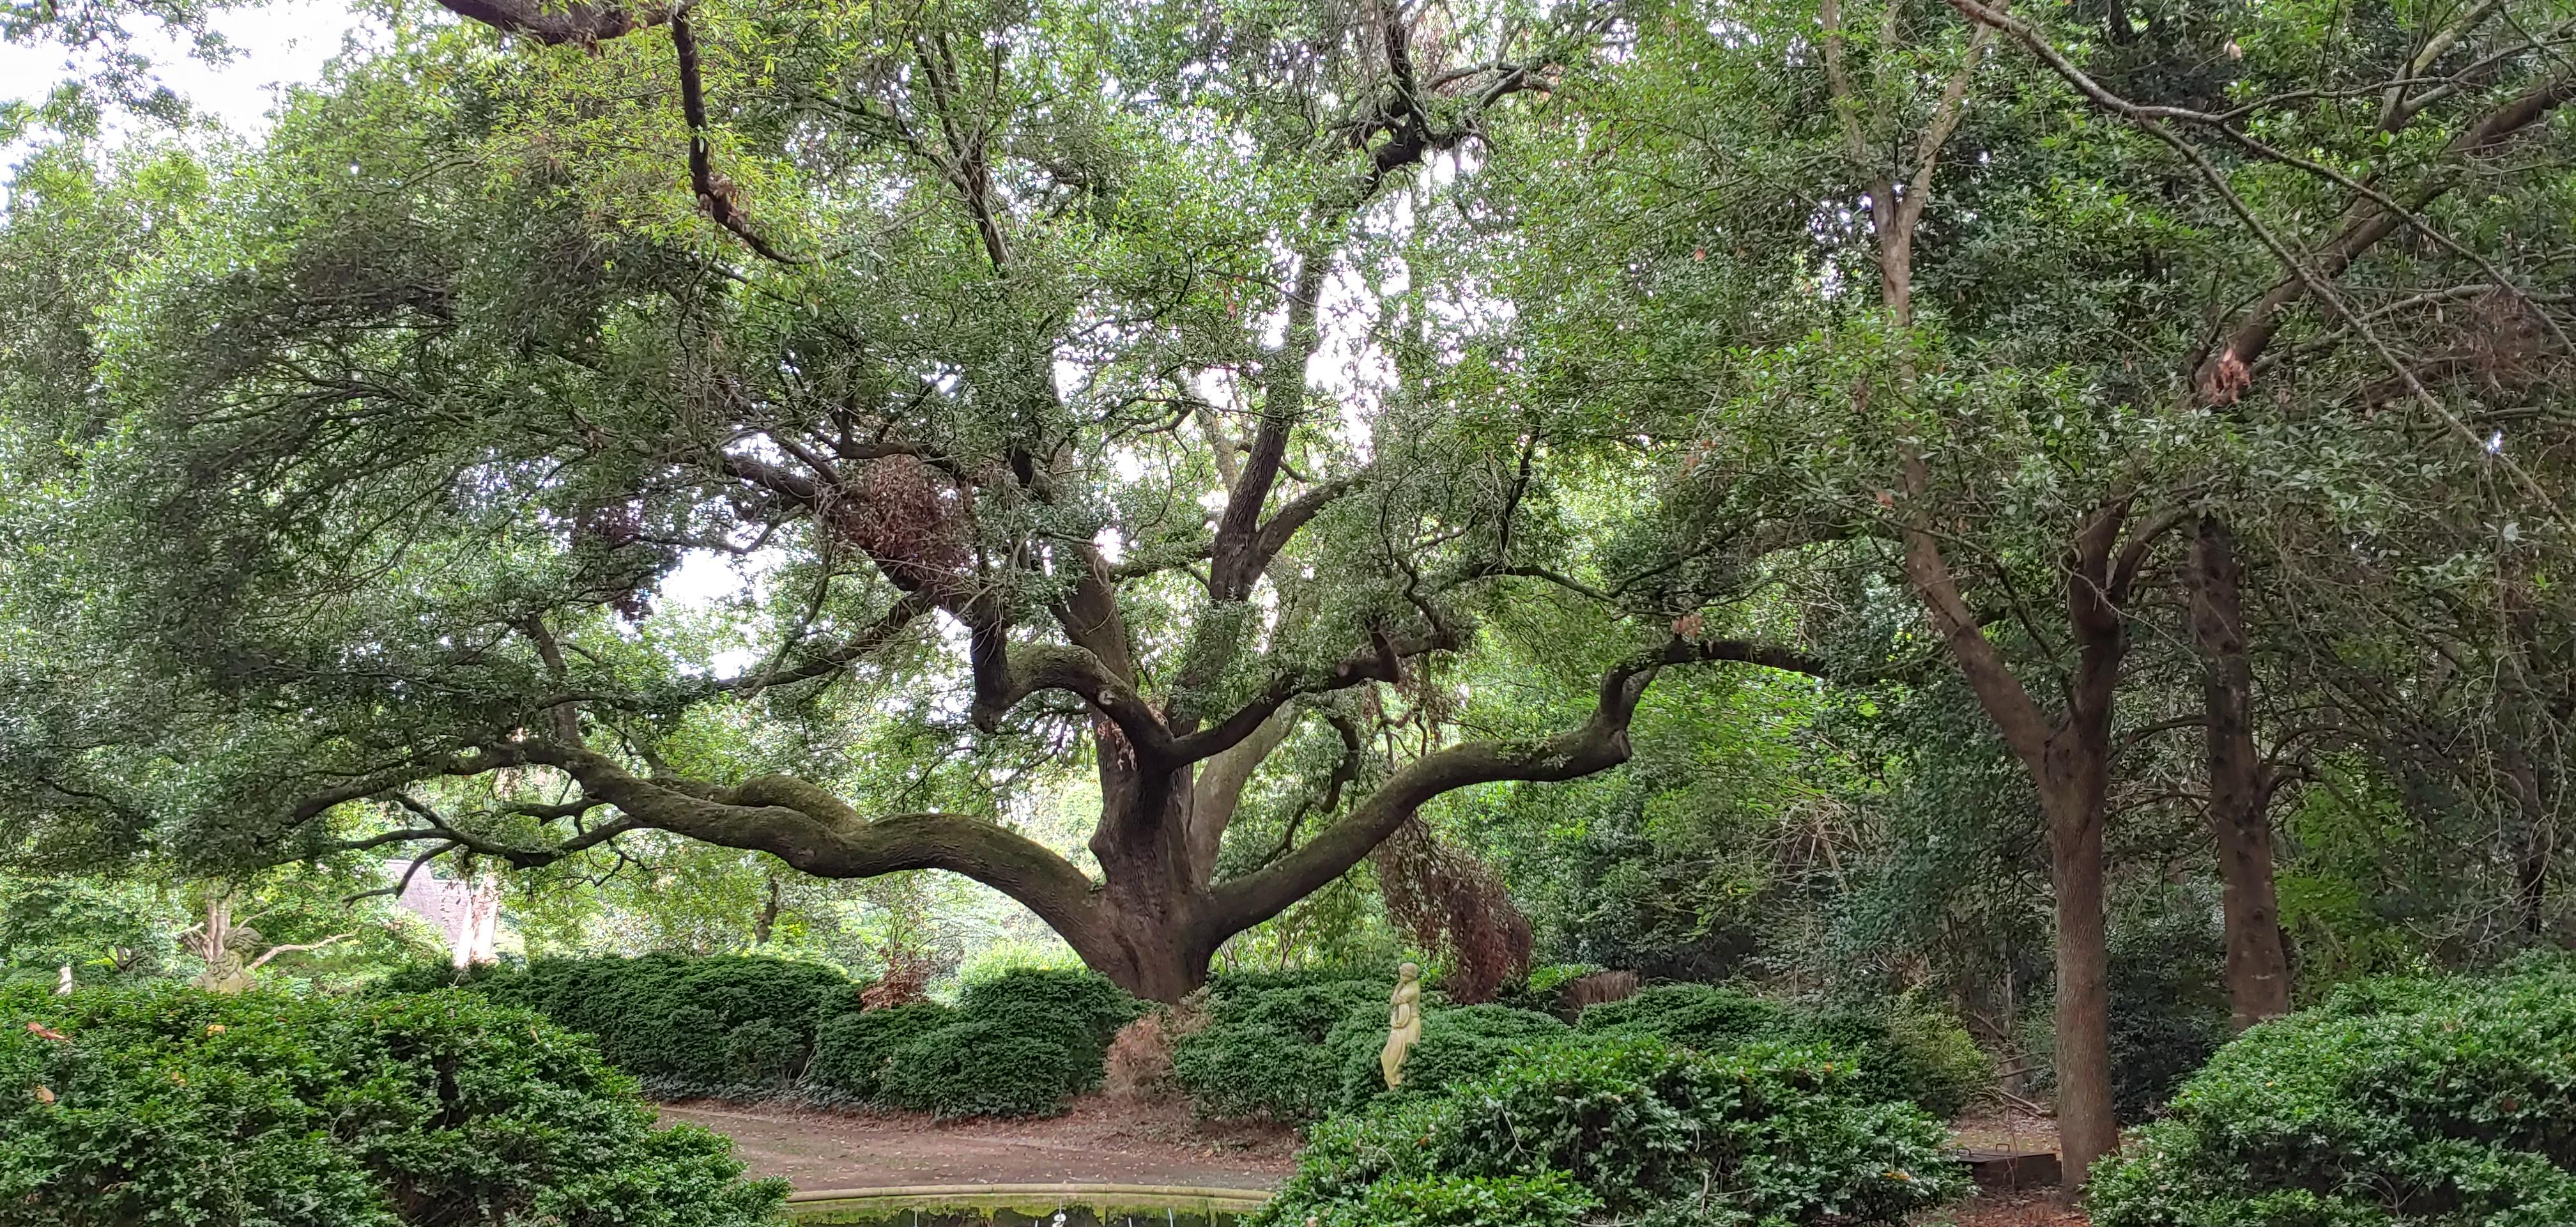 Morrocroft Lane, Live Oak, whole tree